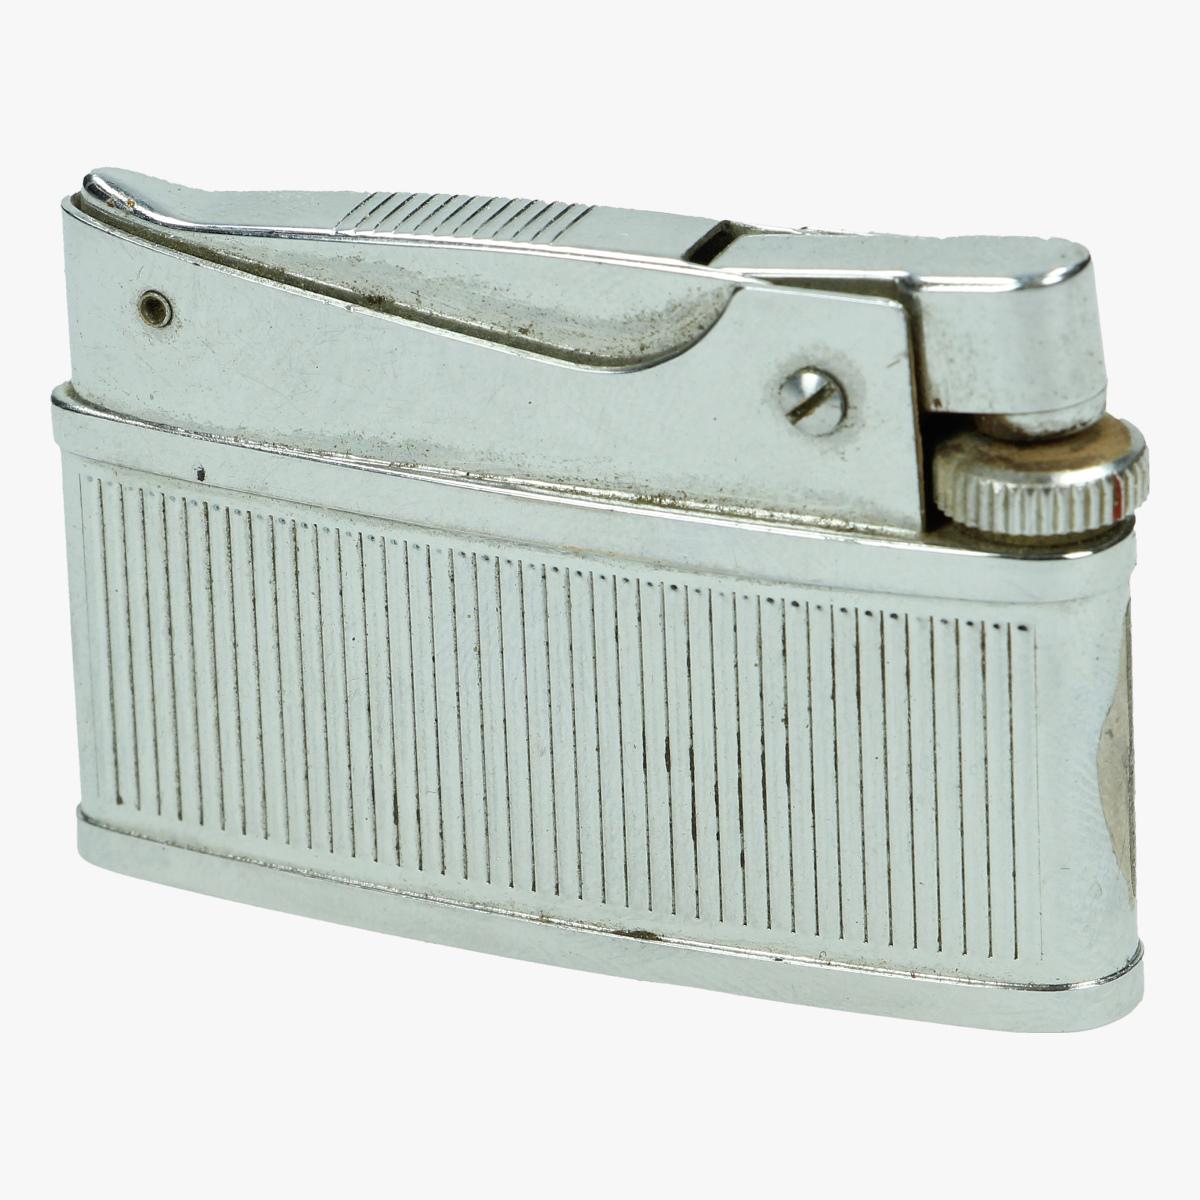 Afbeeldingen van oude aansteker gas brother- lite